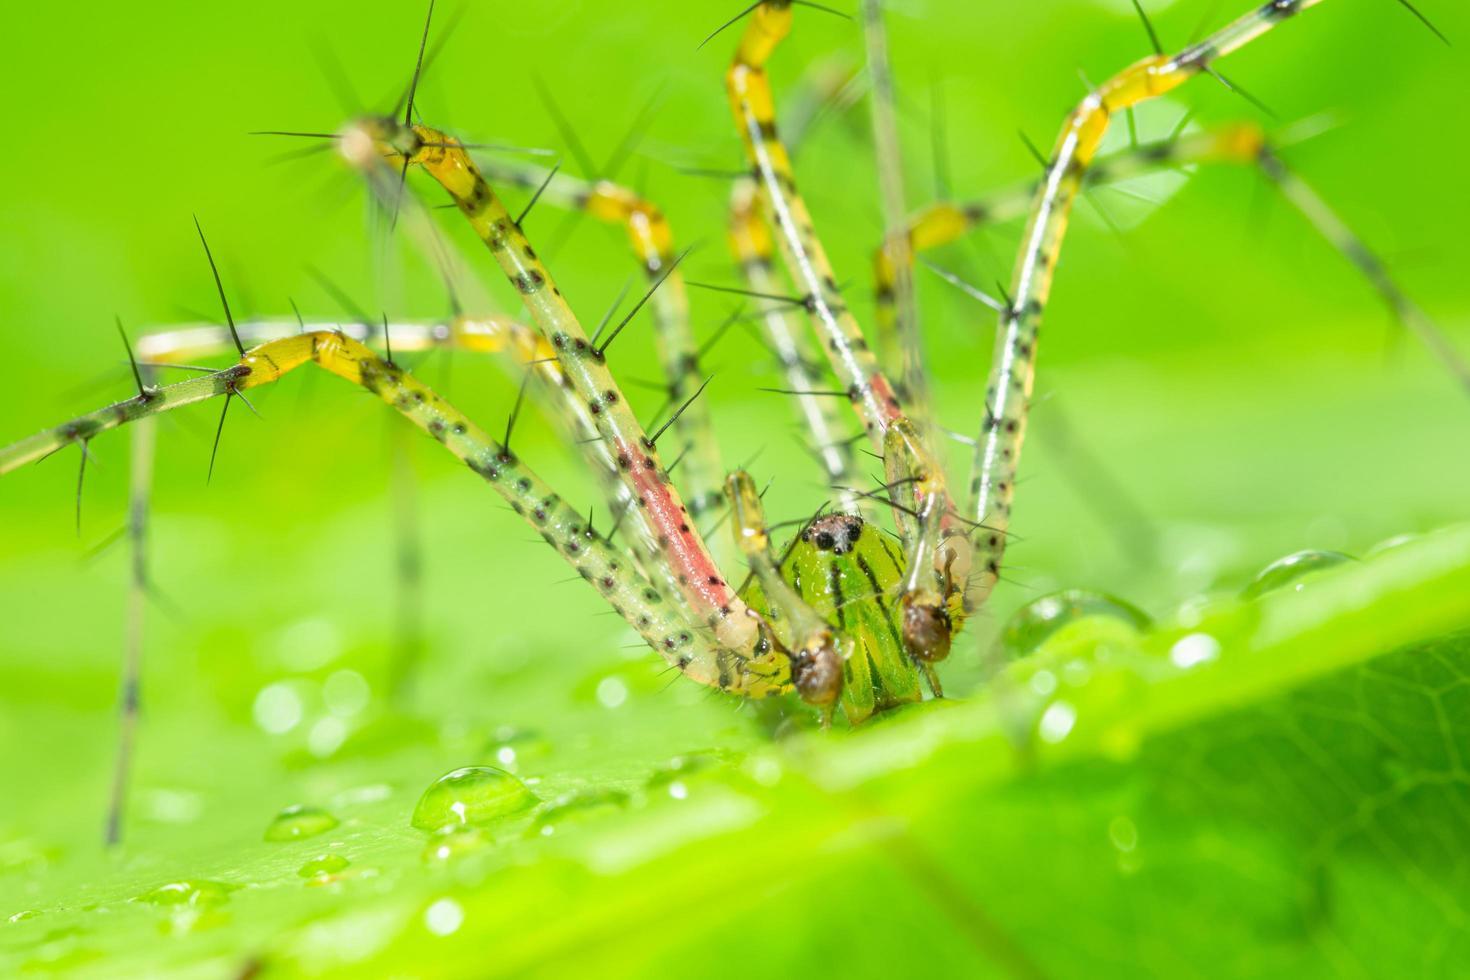 gambe lunghe macro ragno verde su una scena verde foglia foto